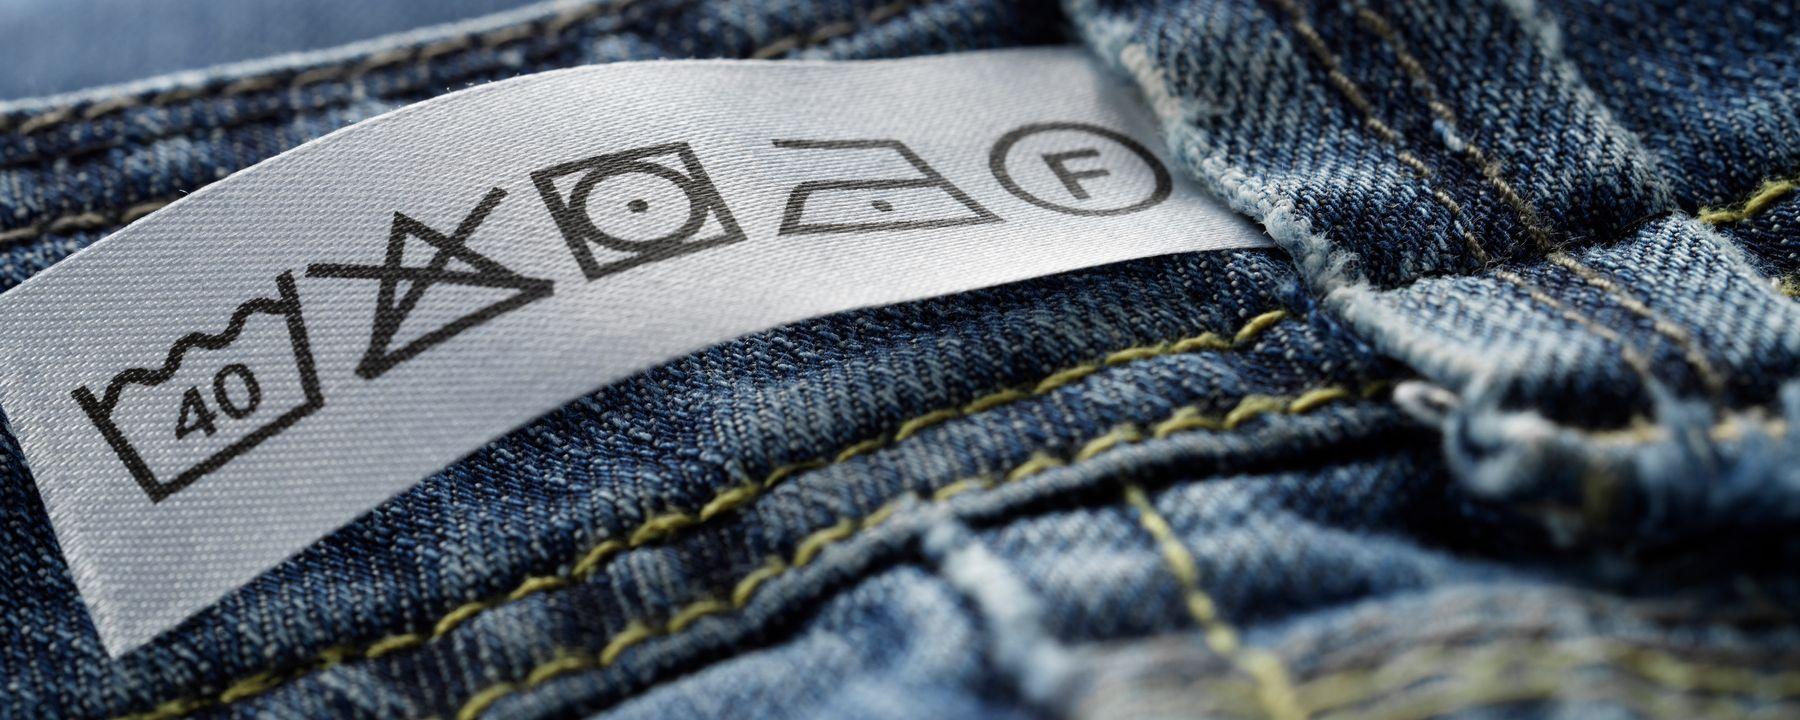 các ký hiệu nhãn mác trên quần jean